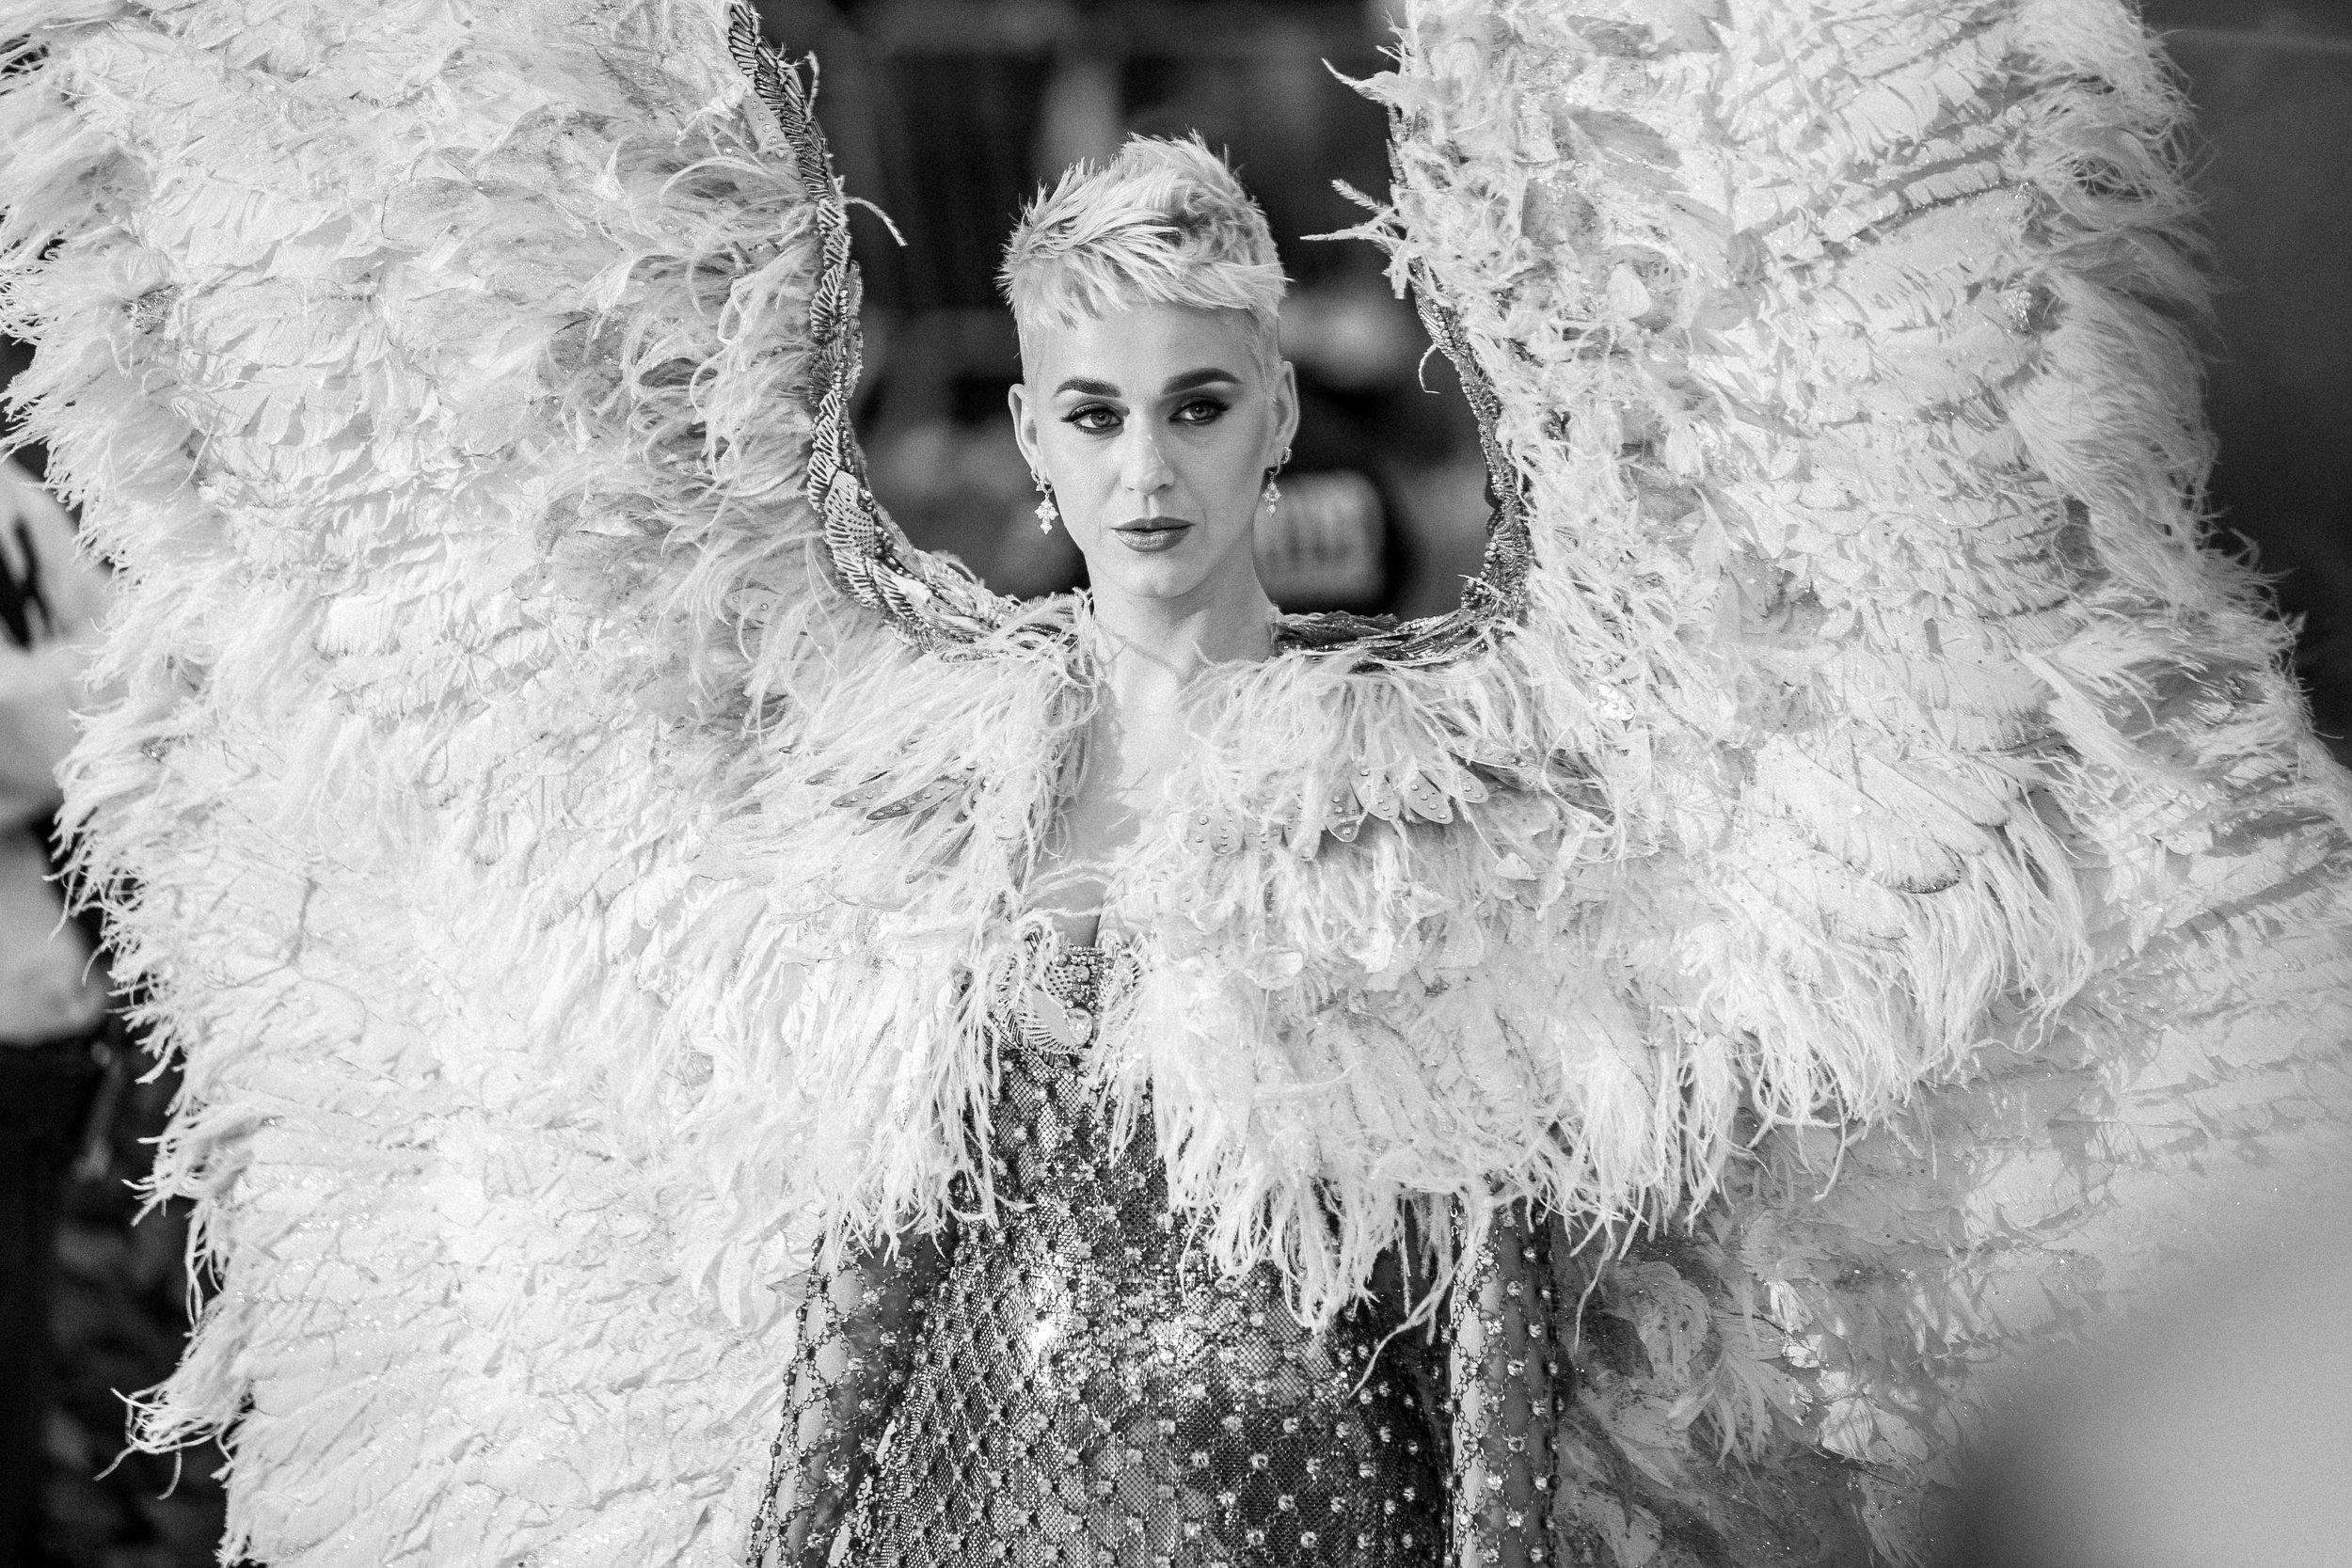 Katy Perry at the 2018 Met Gala. Photograph by Siyu Tang.